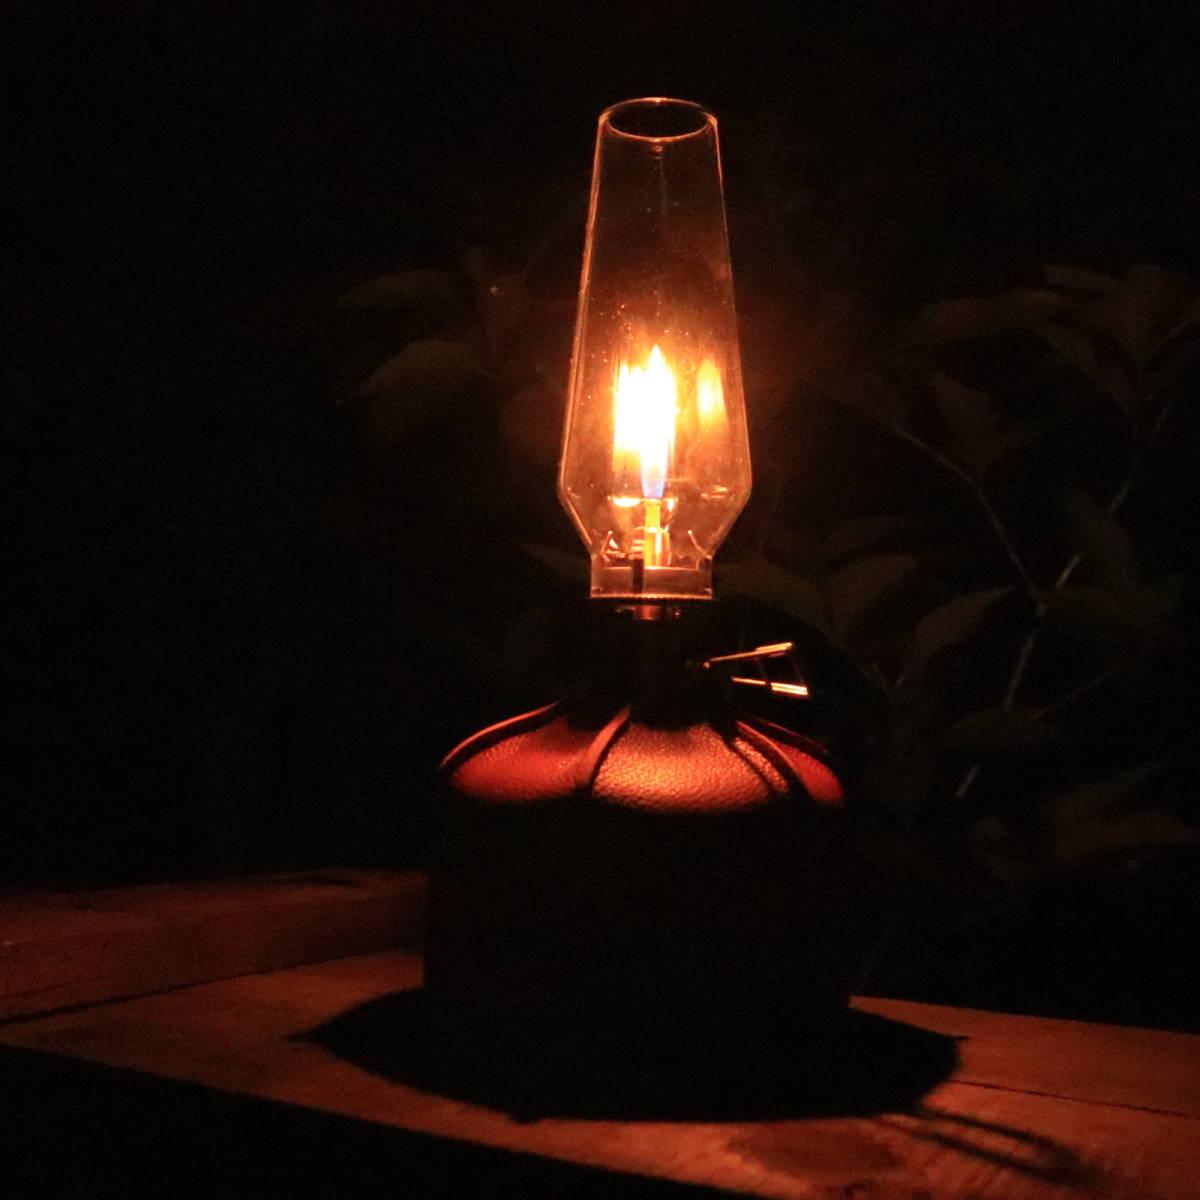 《国内発送・送料無料》ガスランタン 木製収納ケース付 ランプライト 燭台 卓上ランタン キャンドルランタン  ルミエール《PayPay対応》